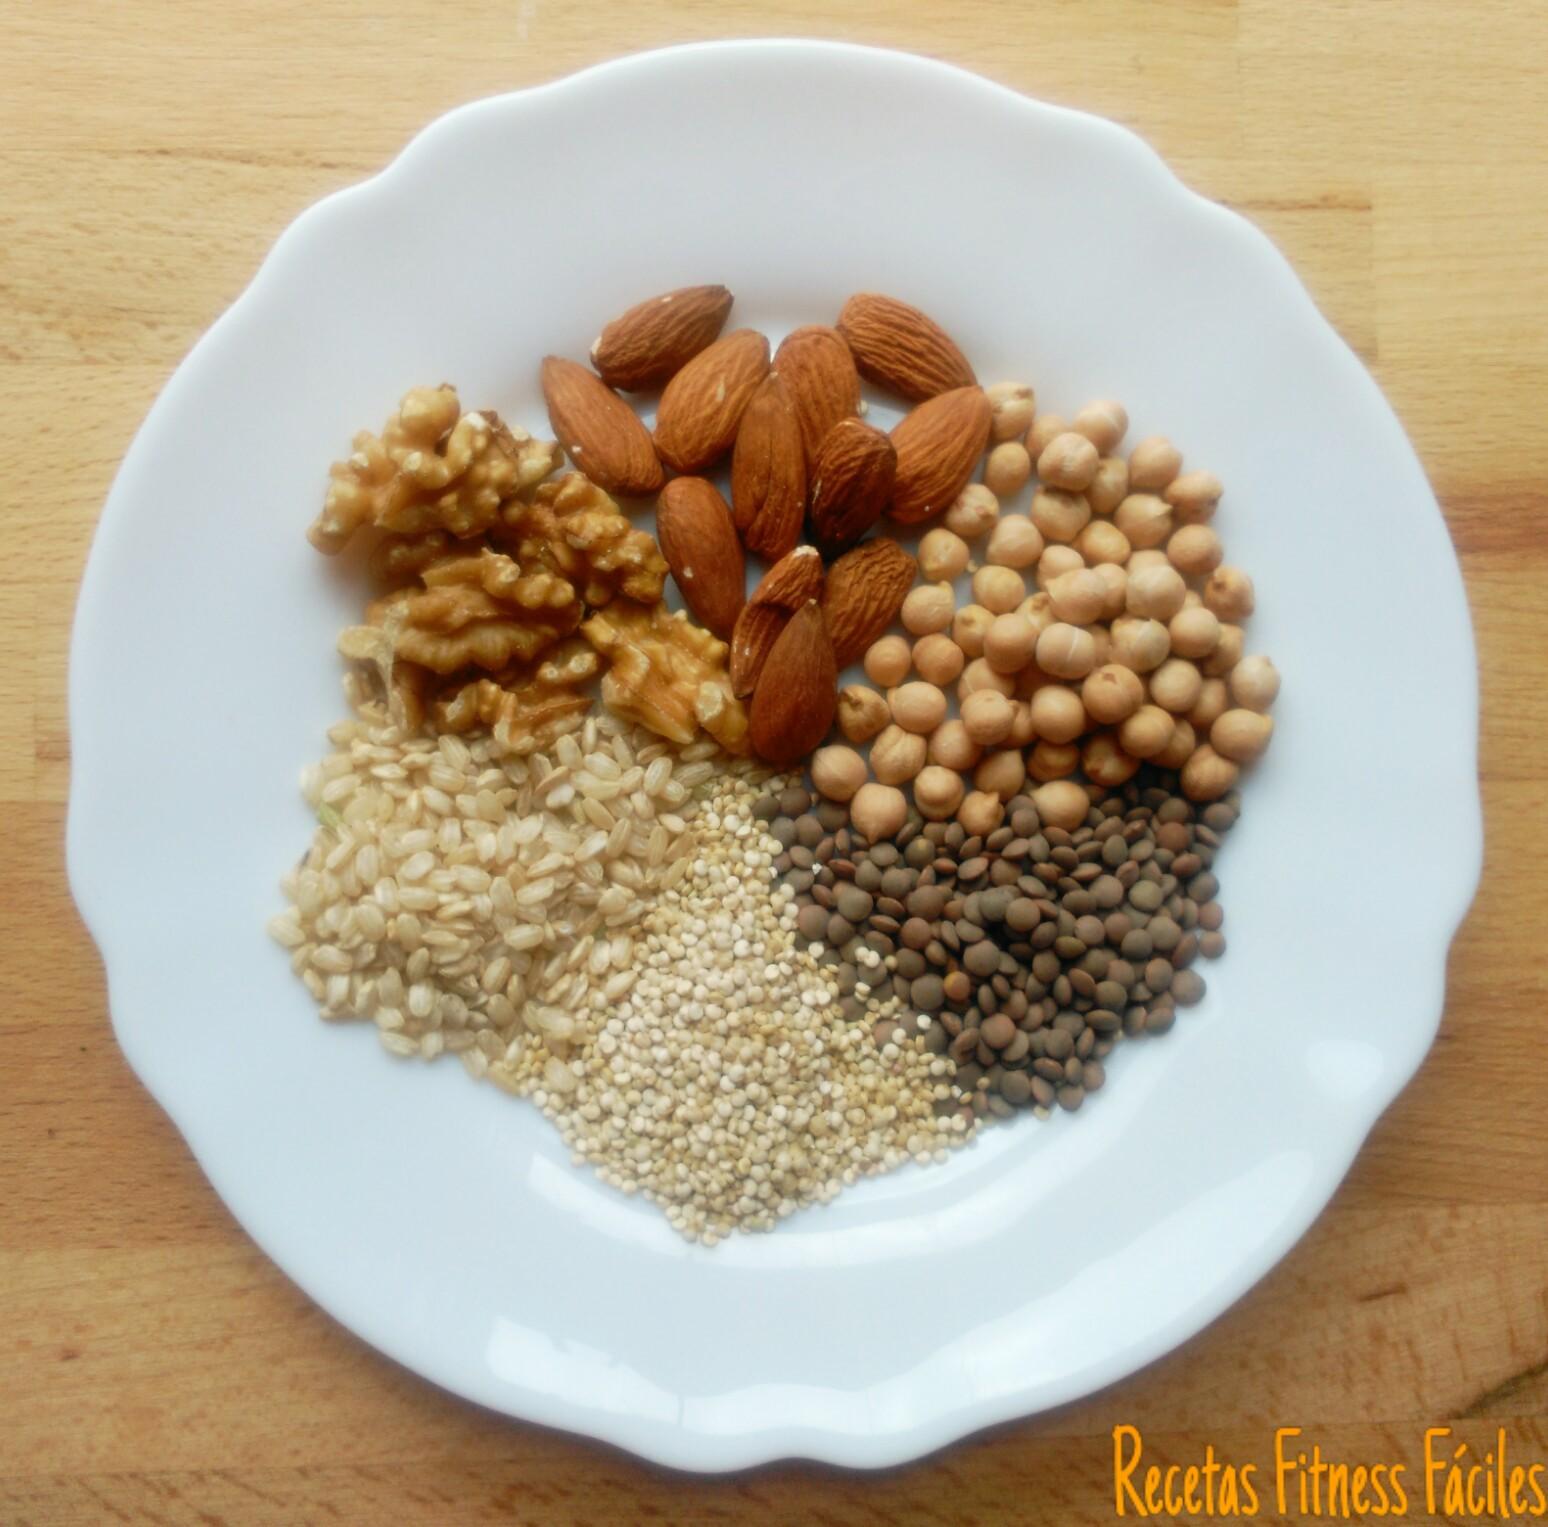 recetas de comidas con proteinas y verduras